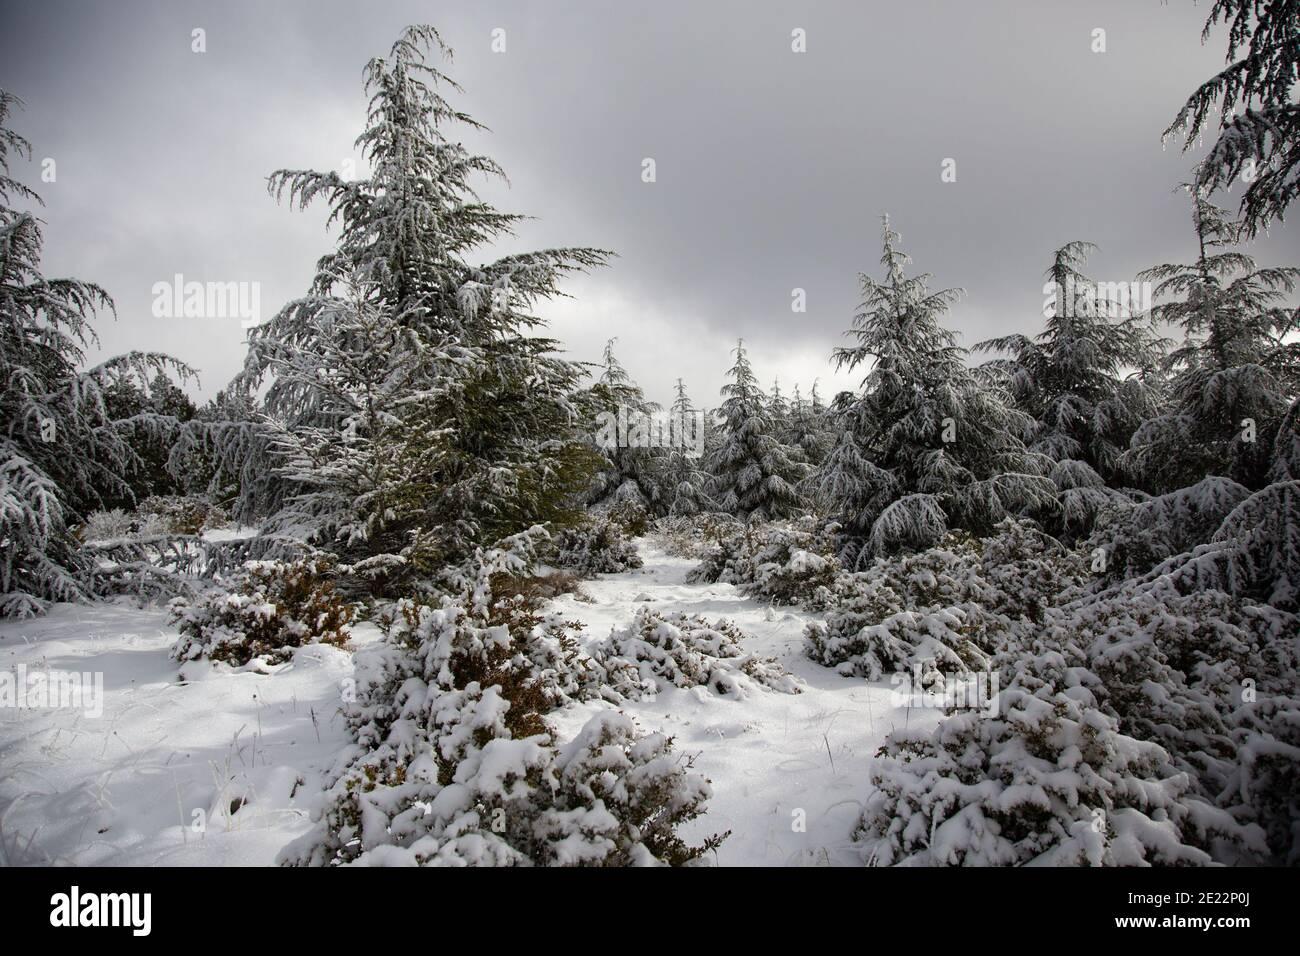 Winterszenen in den Bergen der Provence, Frankreich. Stockfoto